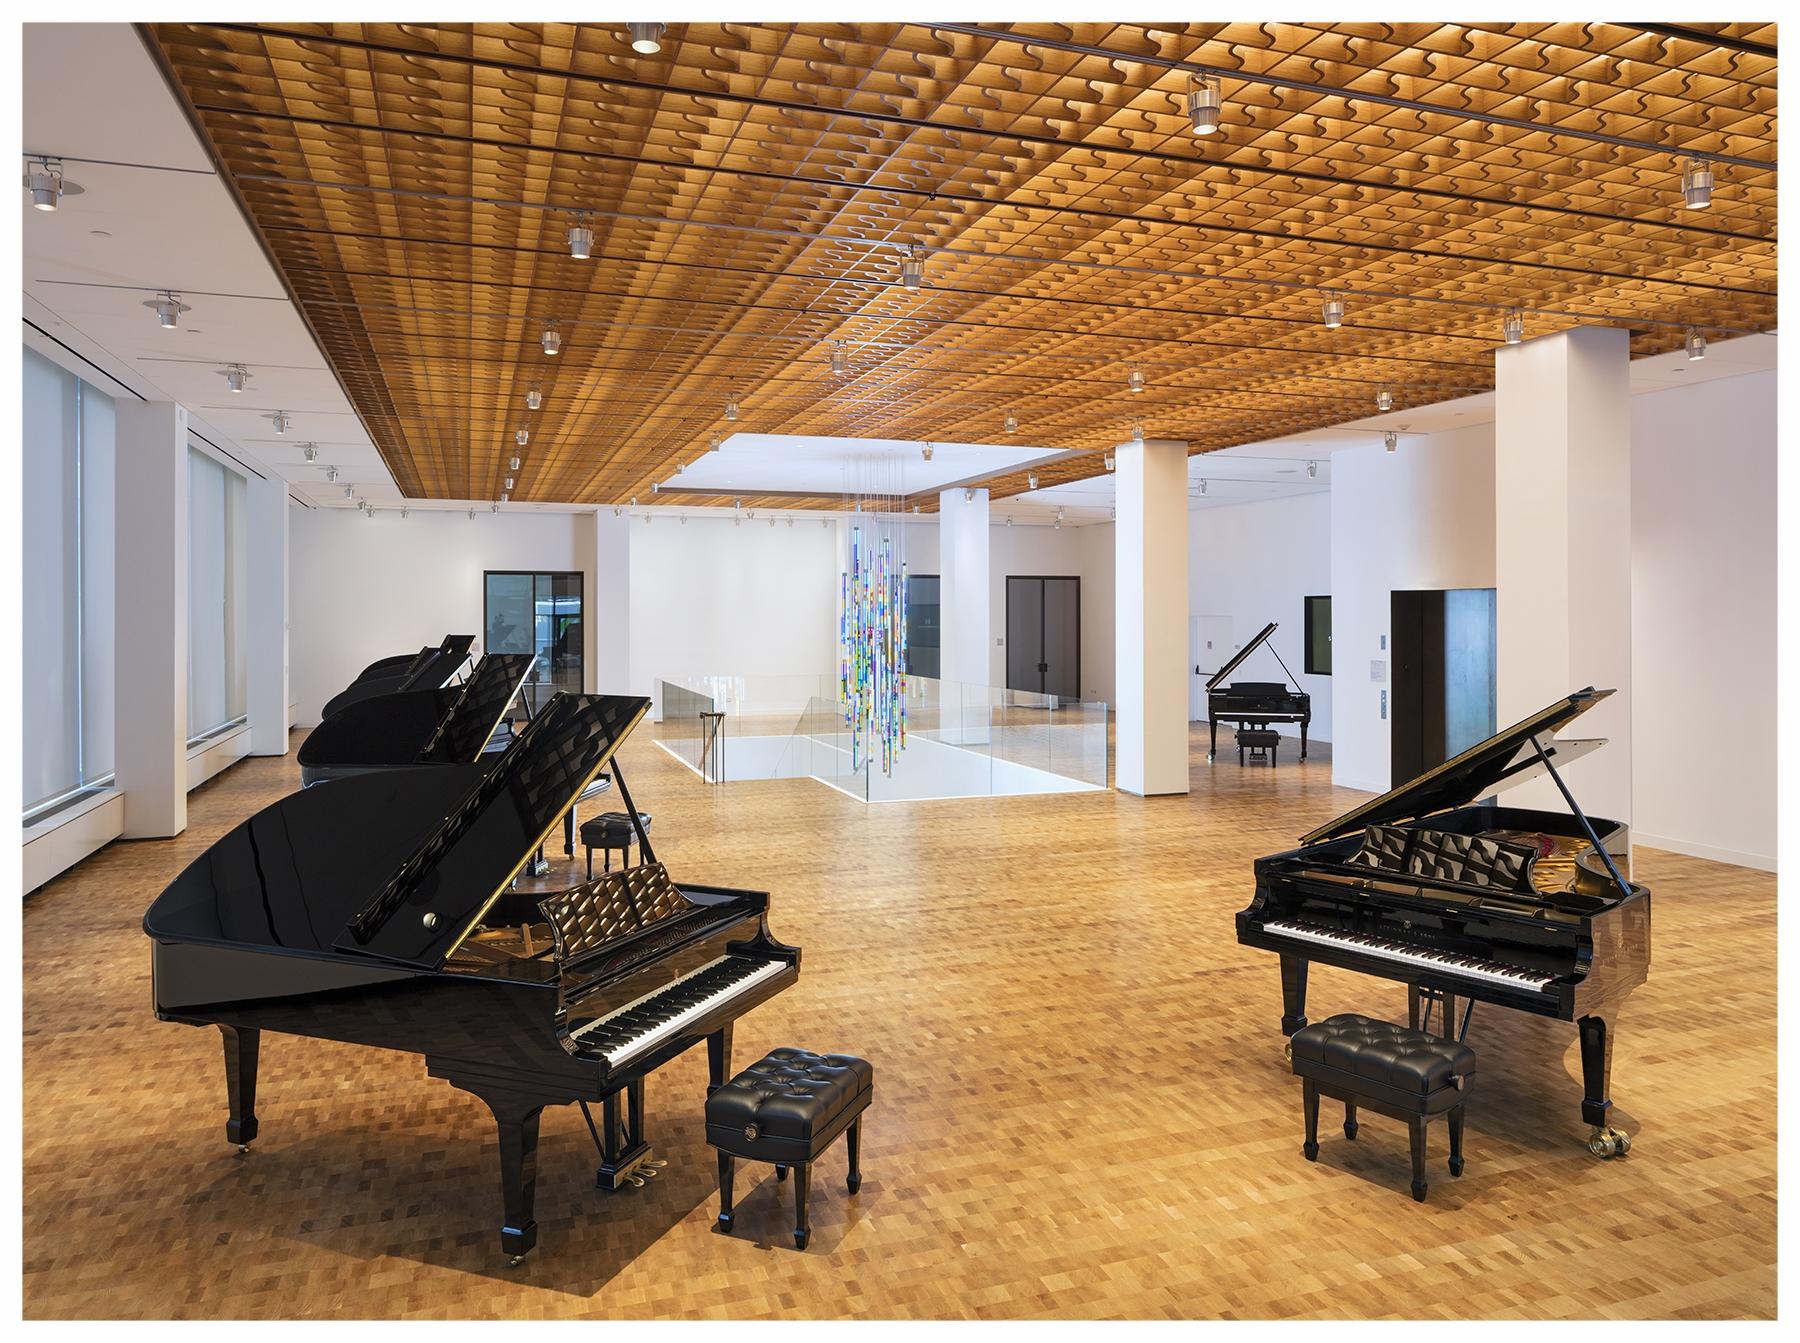 Piano Store_02.jpg